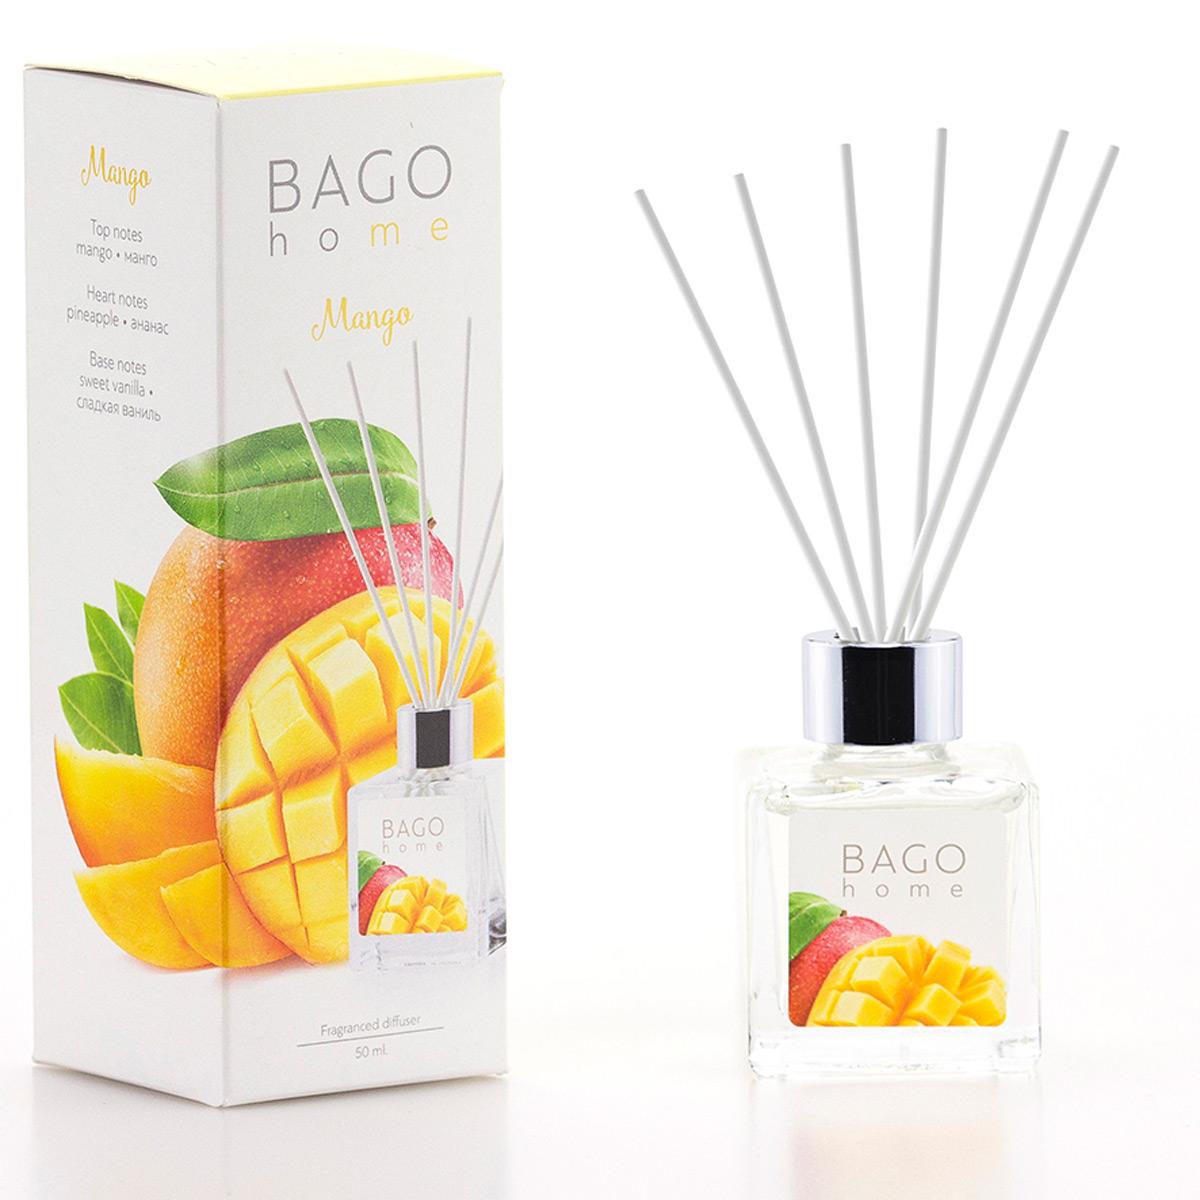 Мини-диффузор ароматический BAGO home Манго, 50 мл ароматический диффузор cristalinas premium для жилых помещений с ароматом магнолии 180 мл